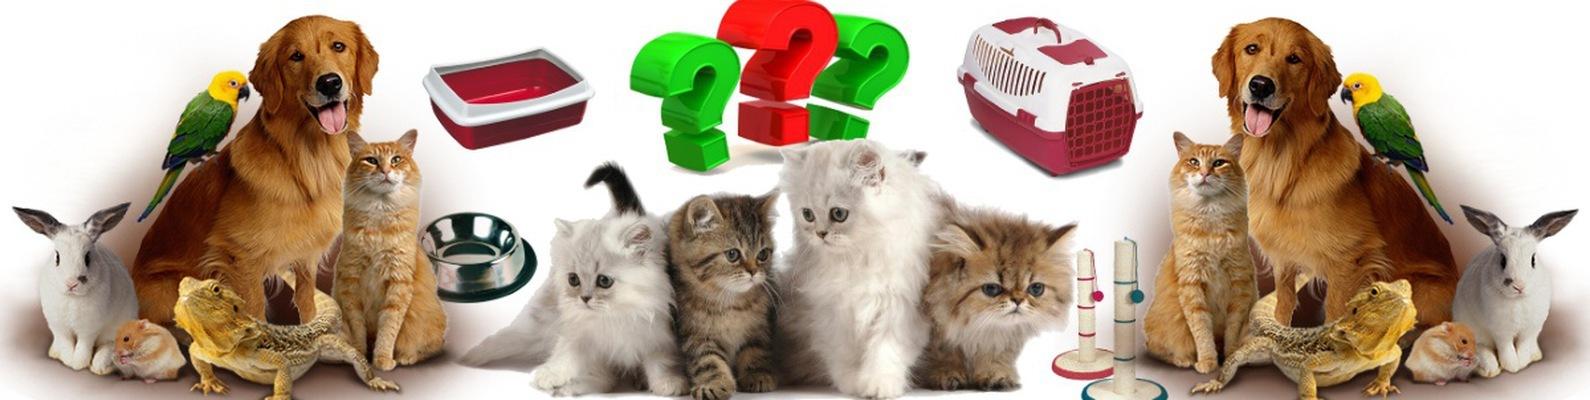 картинки с кормами для домашних животных медицинское оборудование, разнообразные